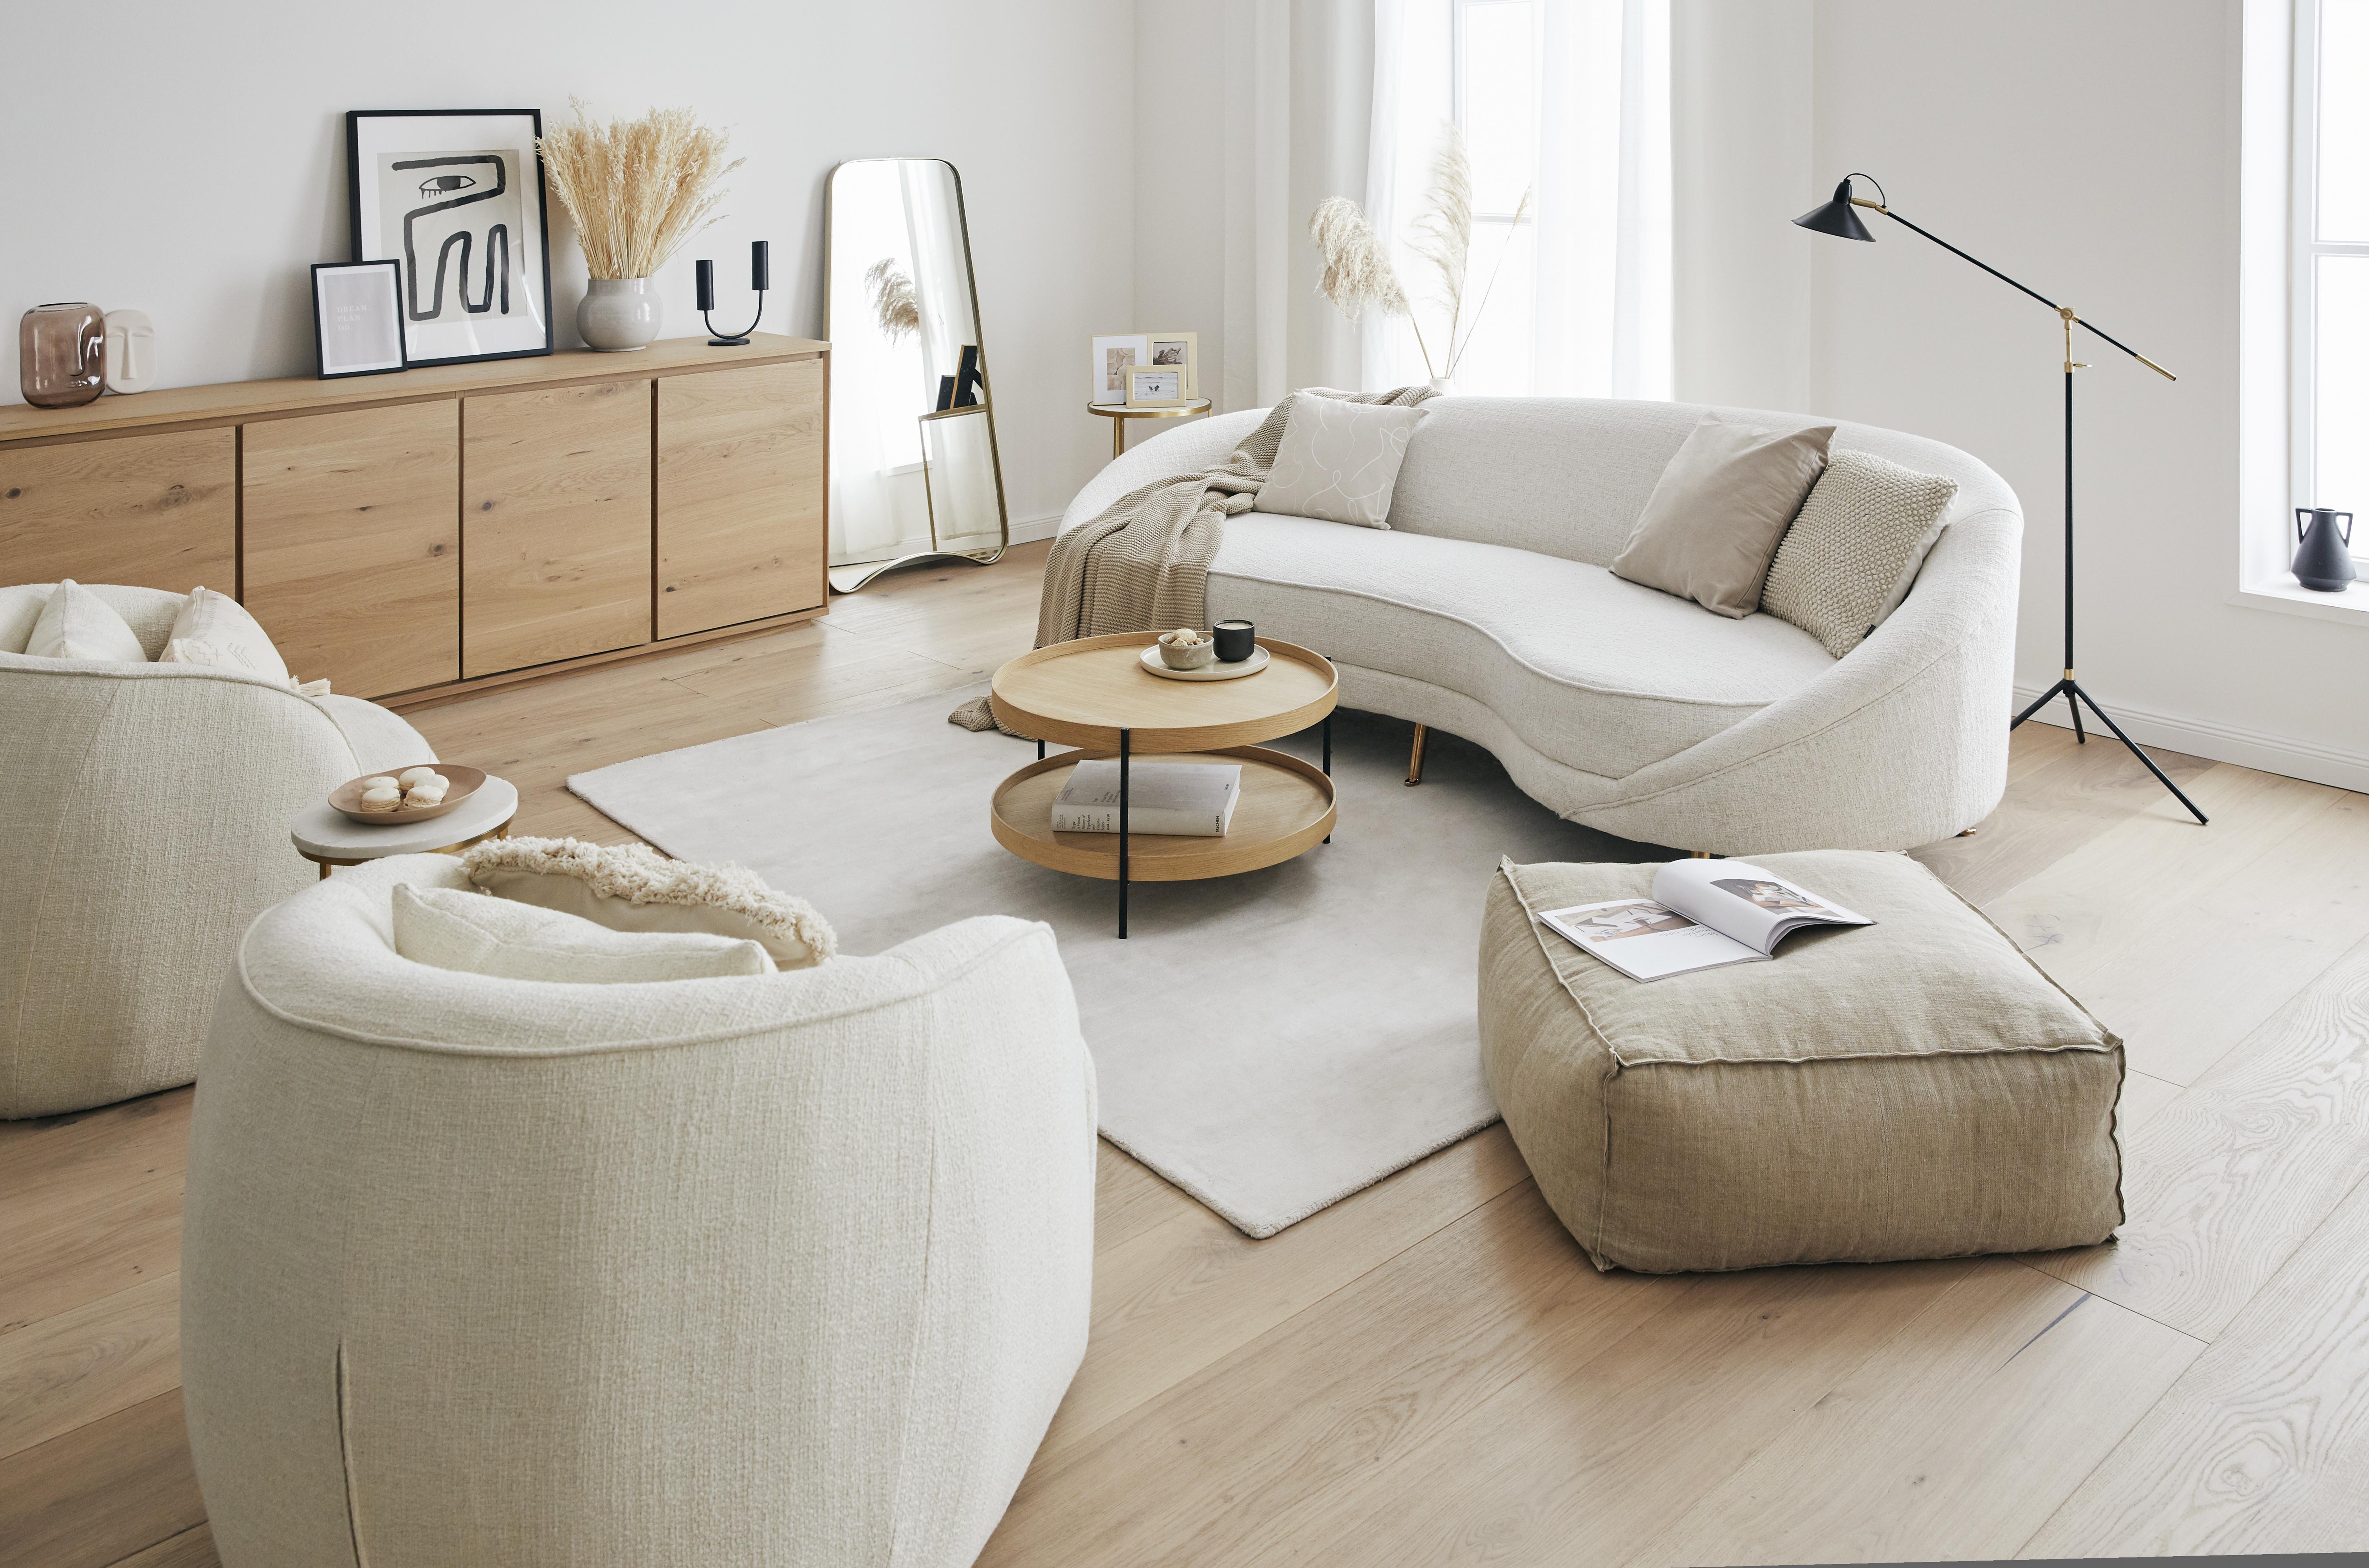 Muebles con bordes redondeados